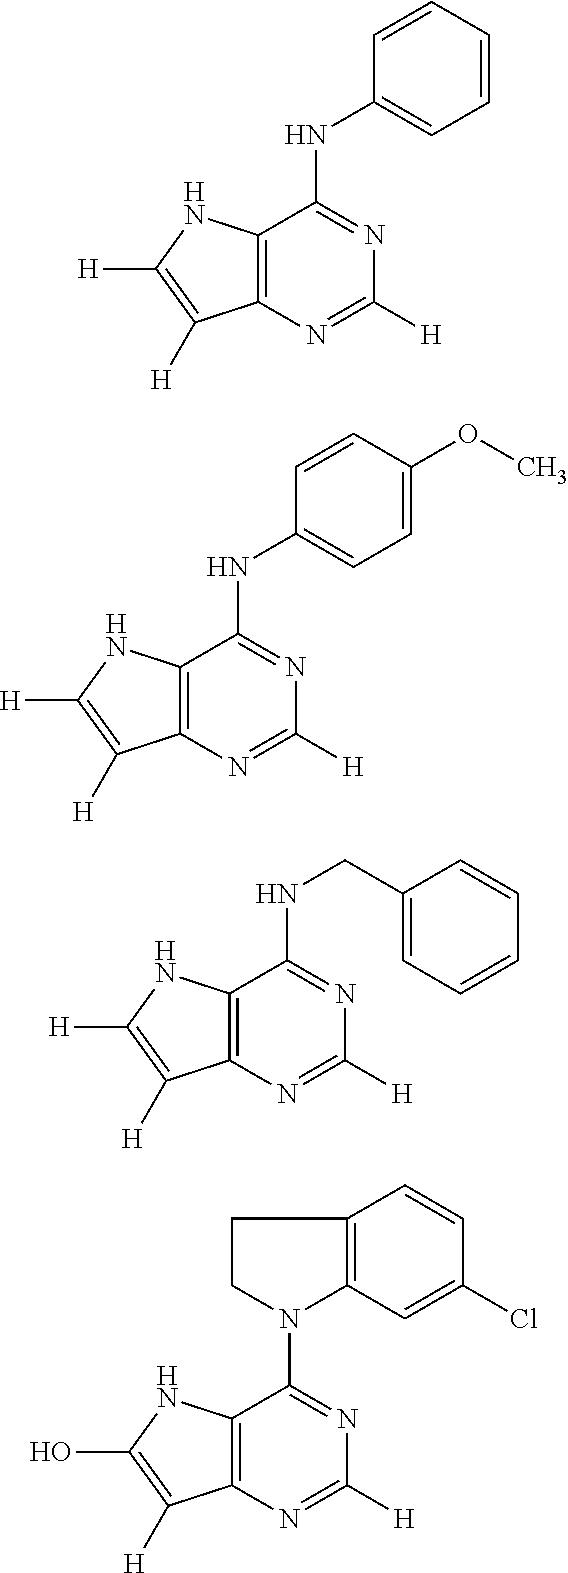 Figure US20110003805A1-20110106-C00047